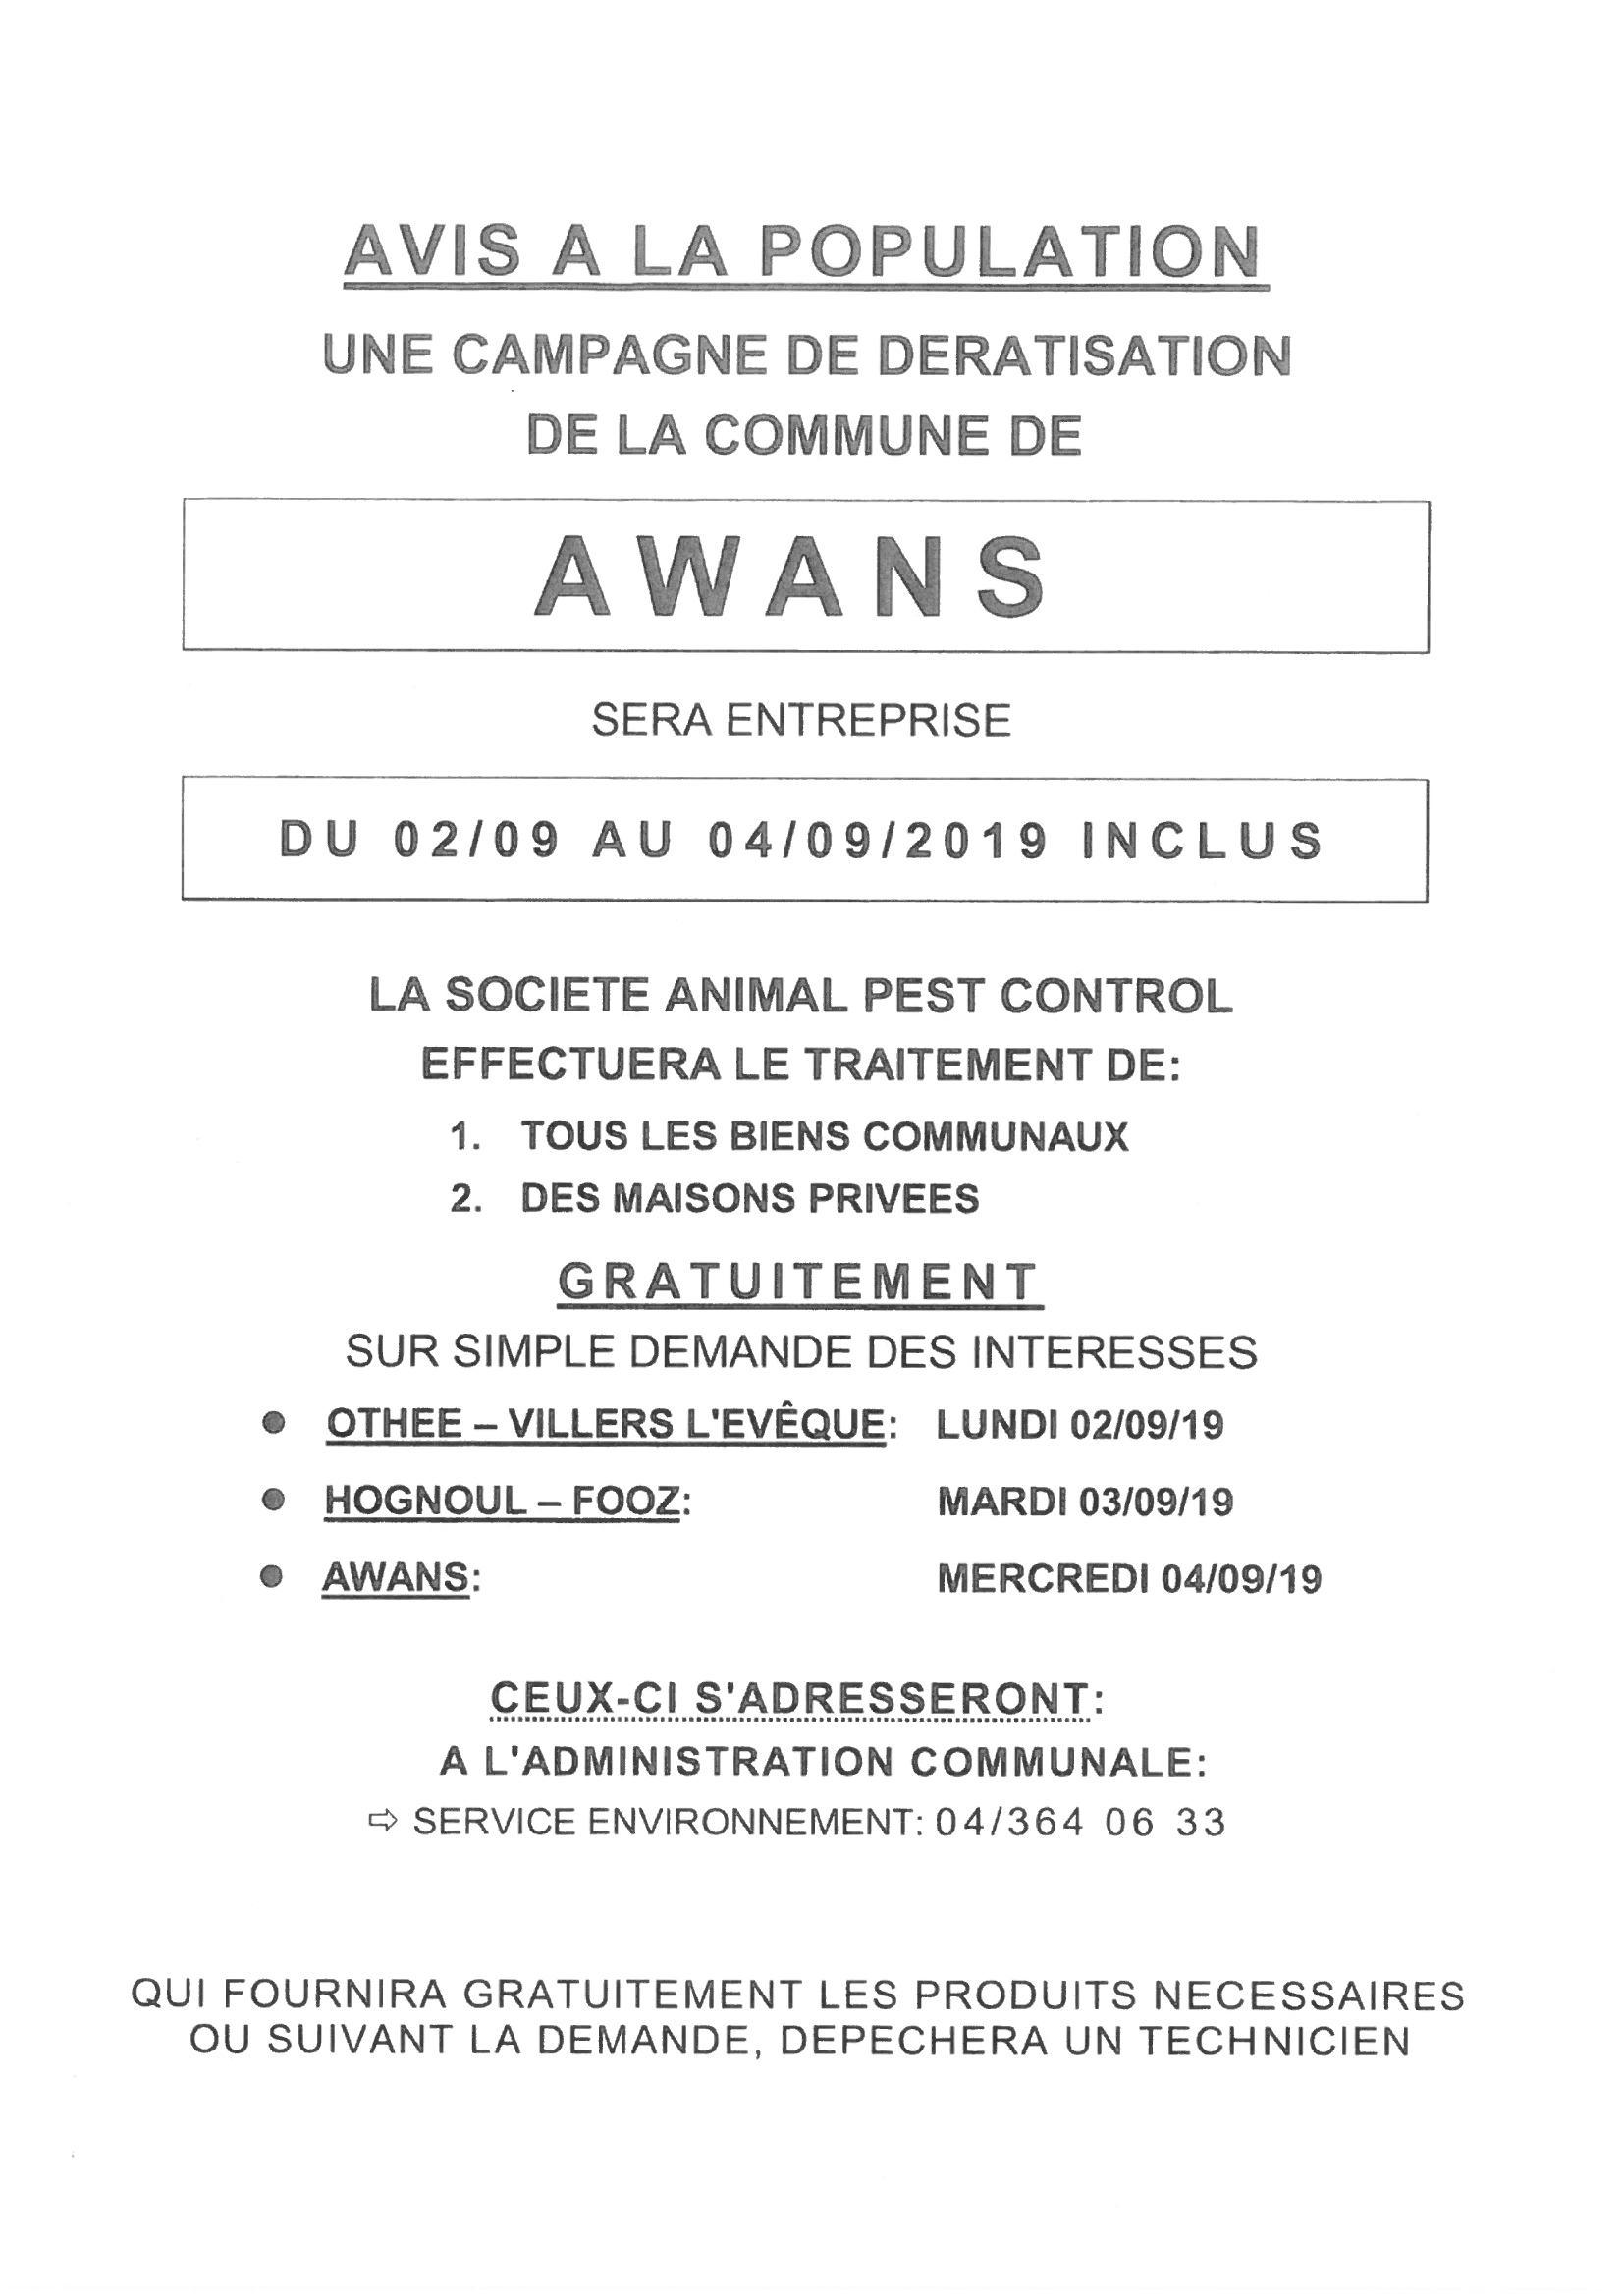 Dératisation automne 2019 - 2, 3 et 4 septembre